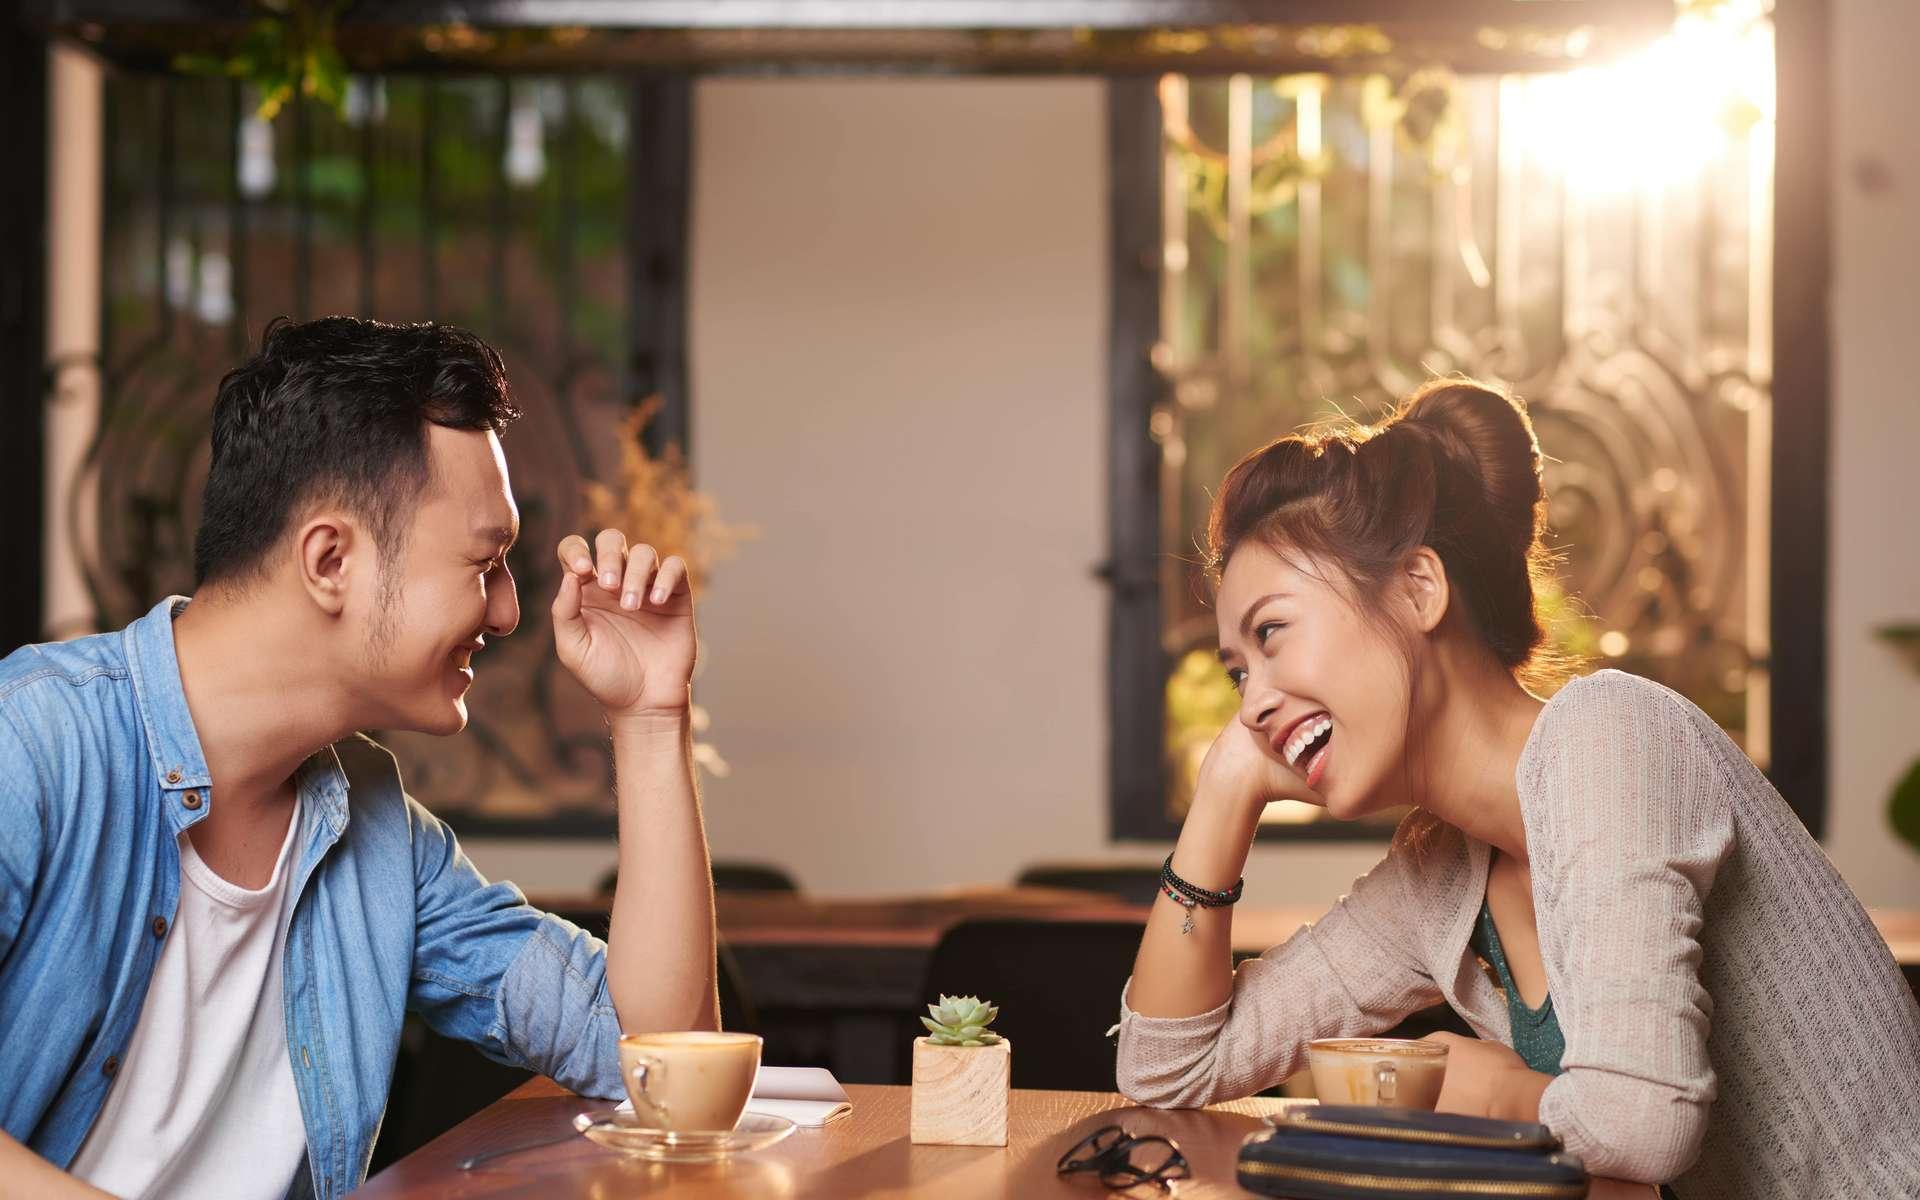 À l'issue d'un speed dating, les participants auraient une impression plutôt fiable de la personnalité des autres personnes. © DragonImages, Adobe Stock